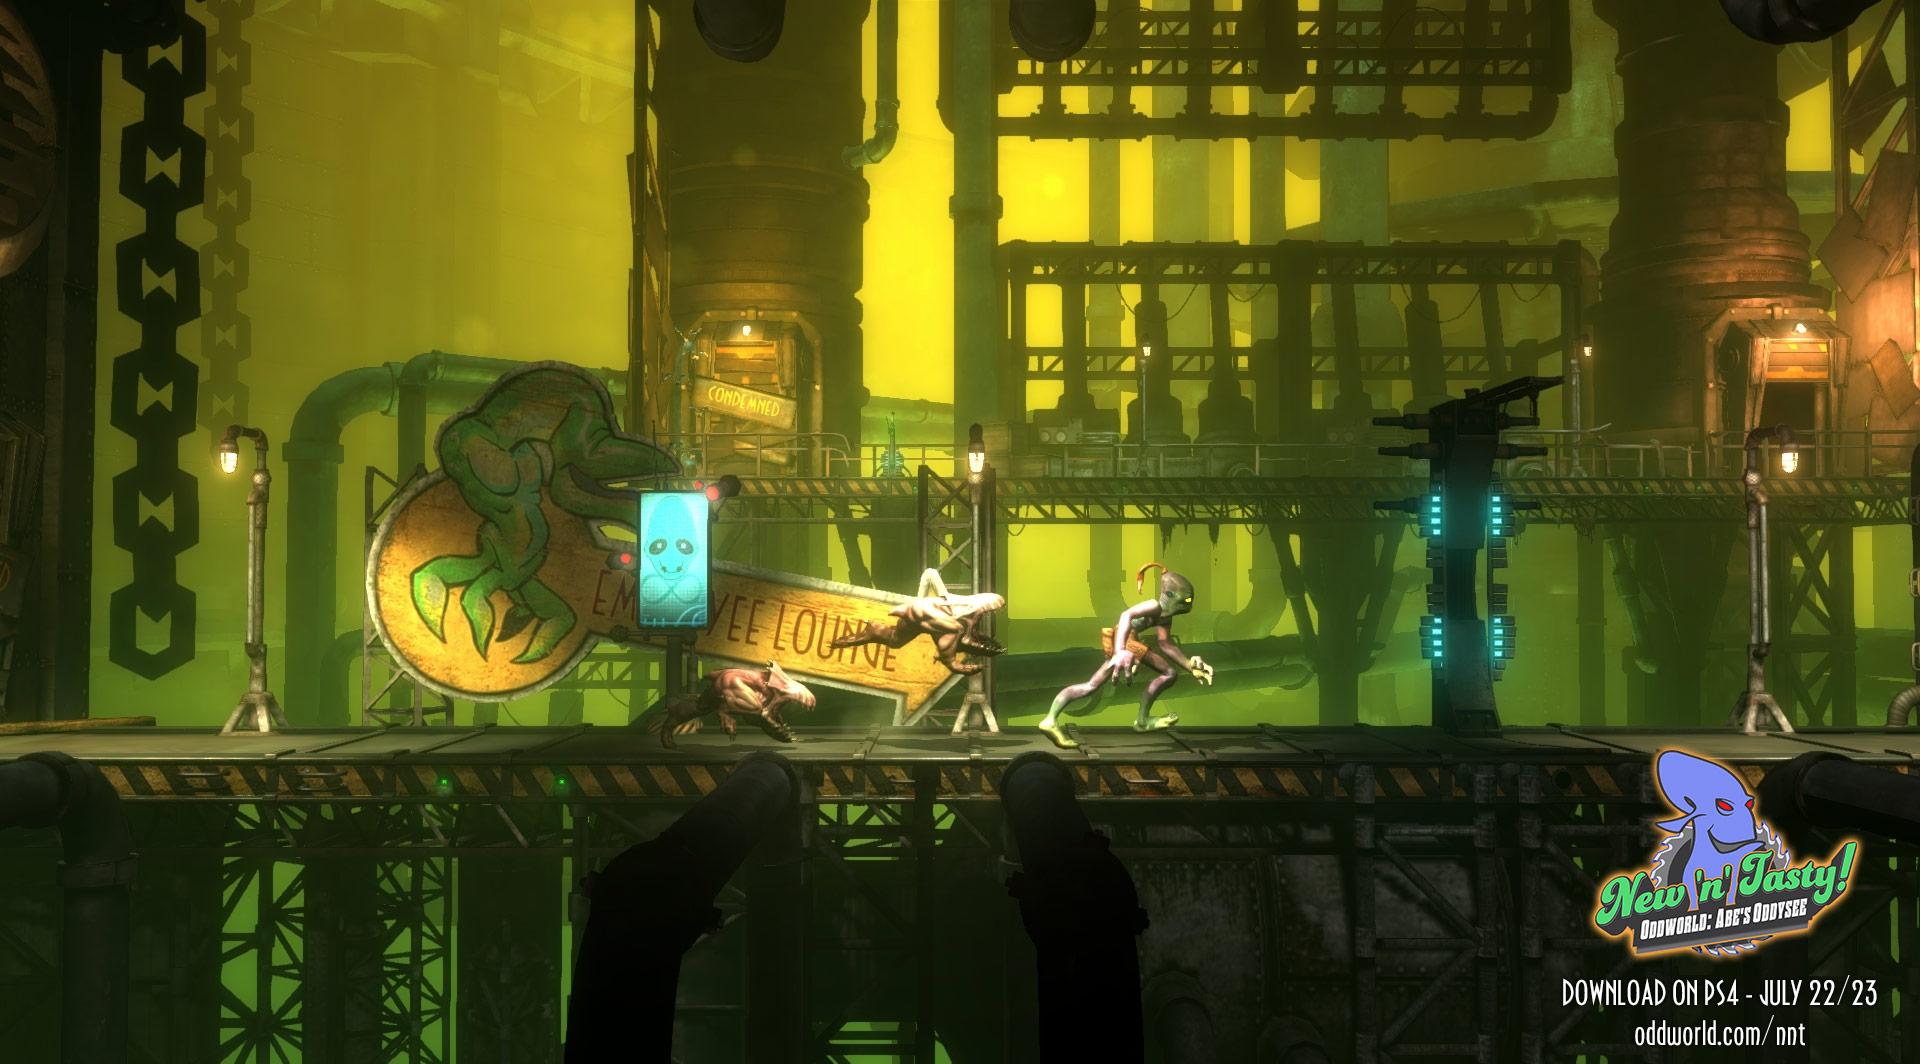 Oddworld New 'n' Tasty Launch 20-07-14 009